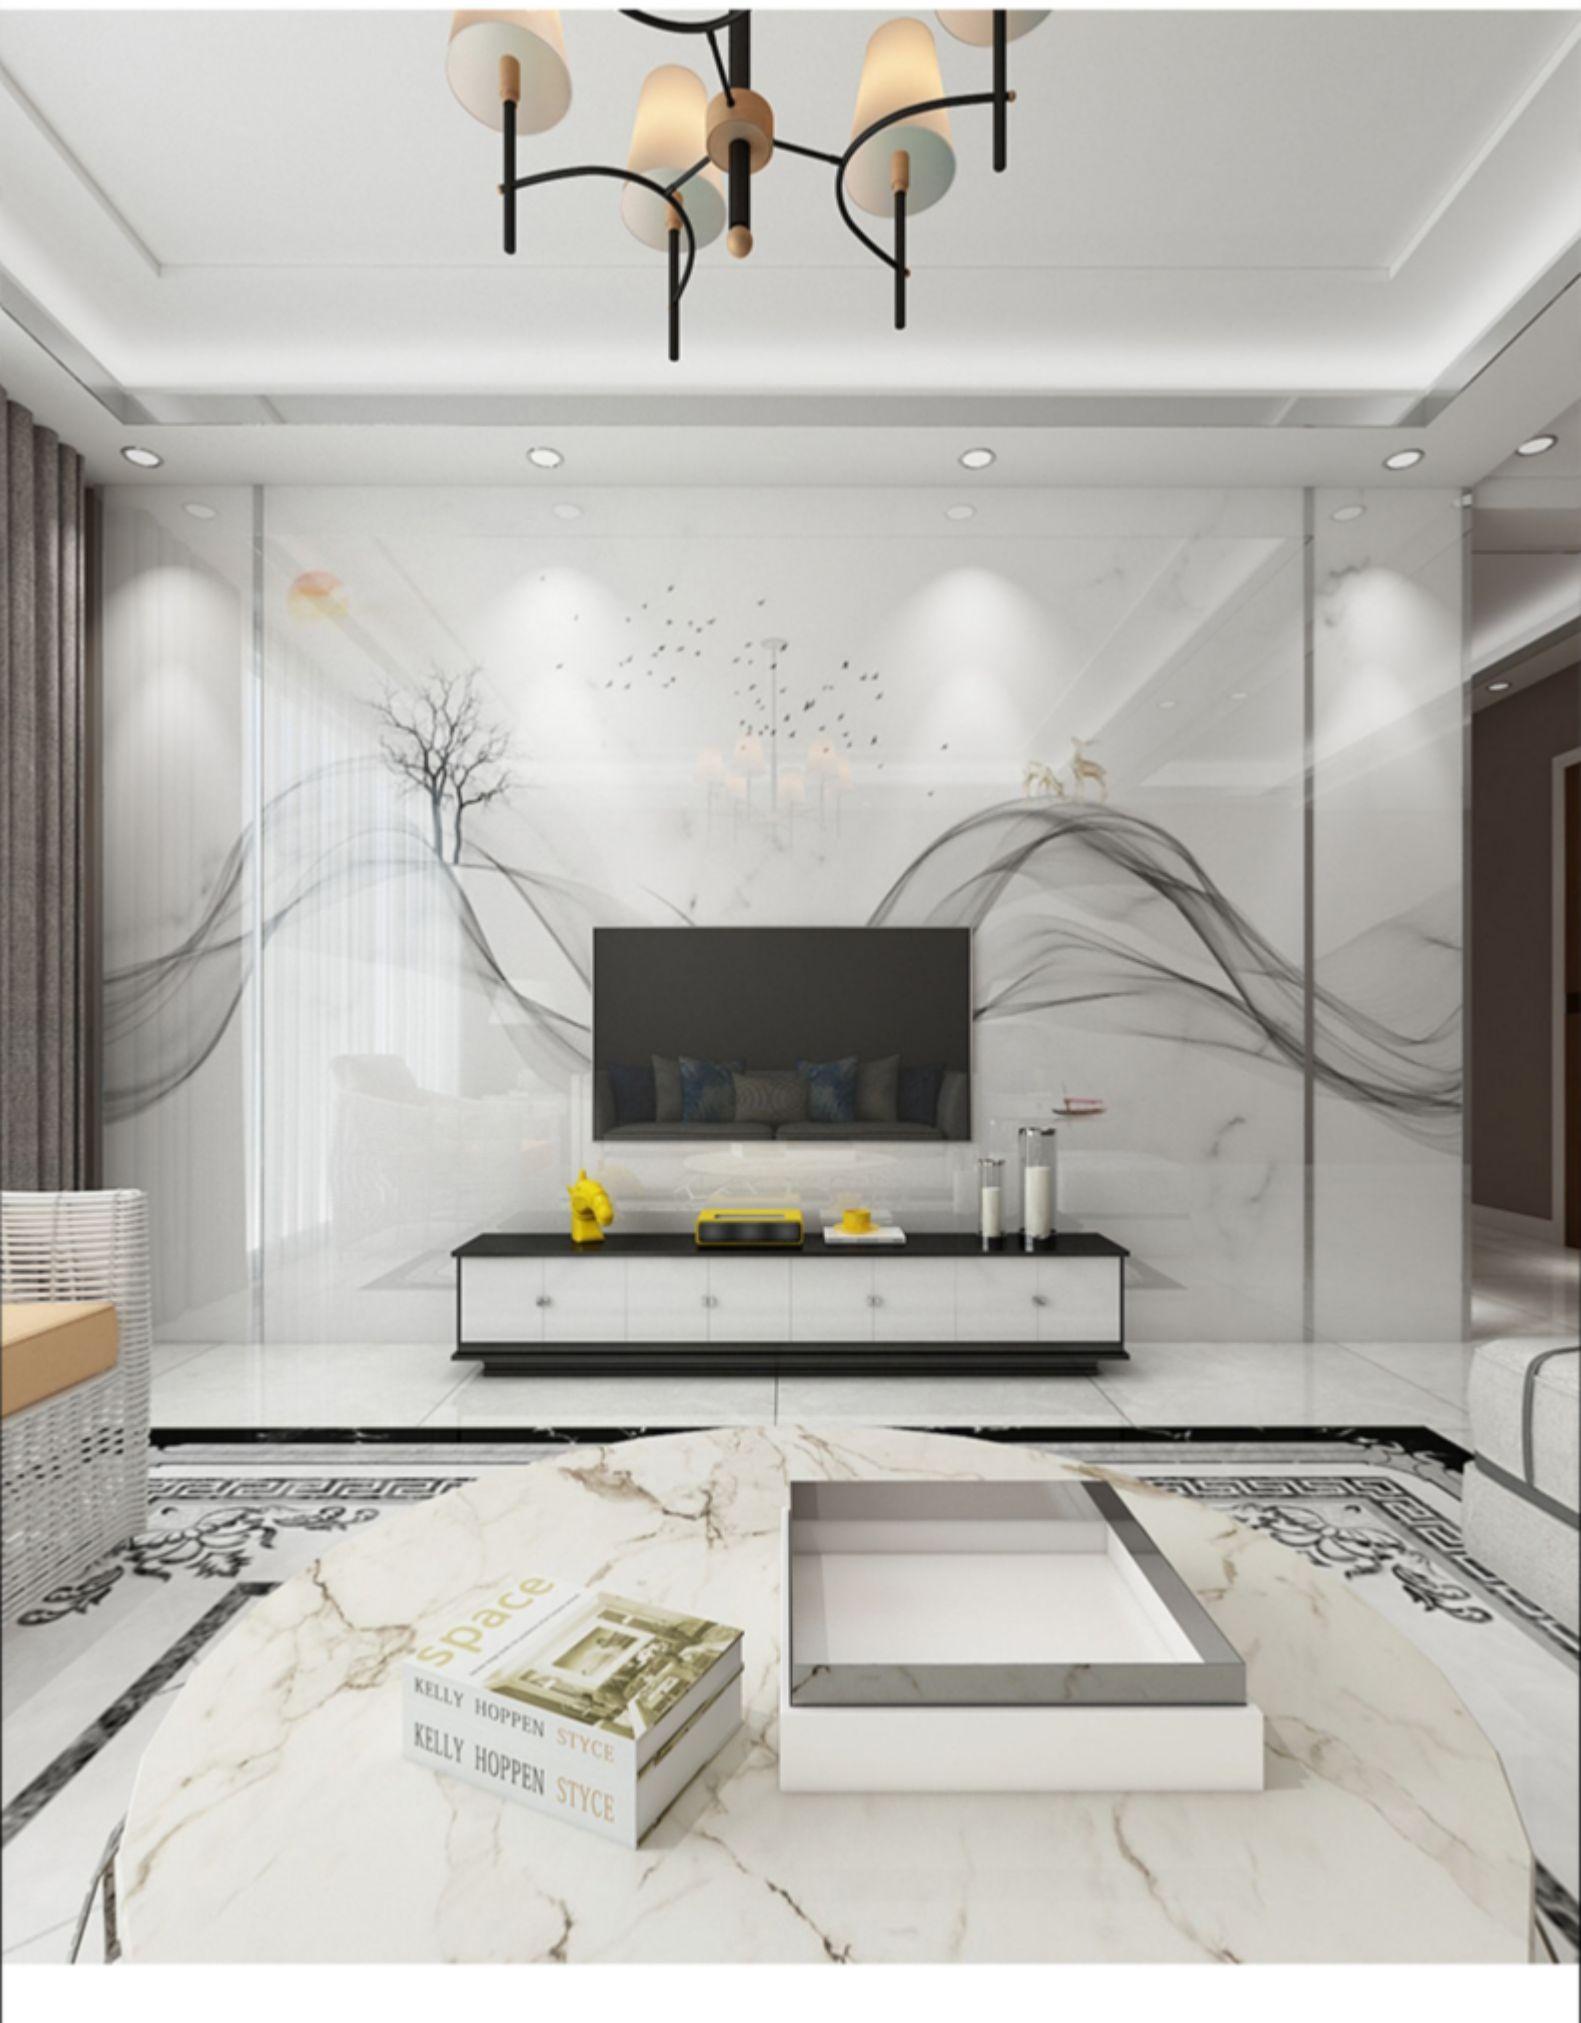 Tưởng tượng mây tinh thể đá tinh vi bức tường tường tường tường đồ gốm phòng khách mới Trung Quốc, b